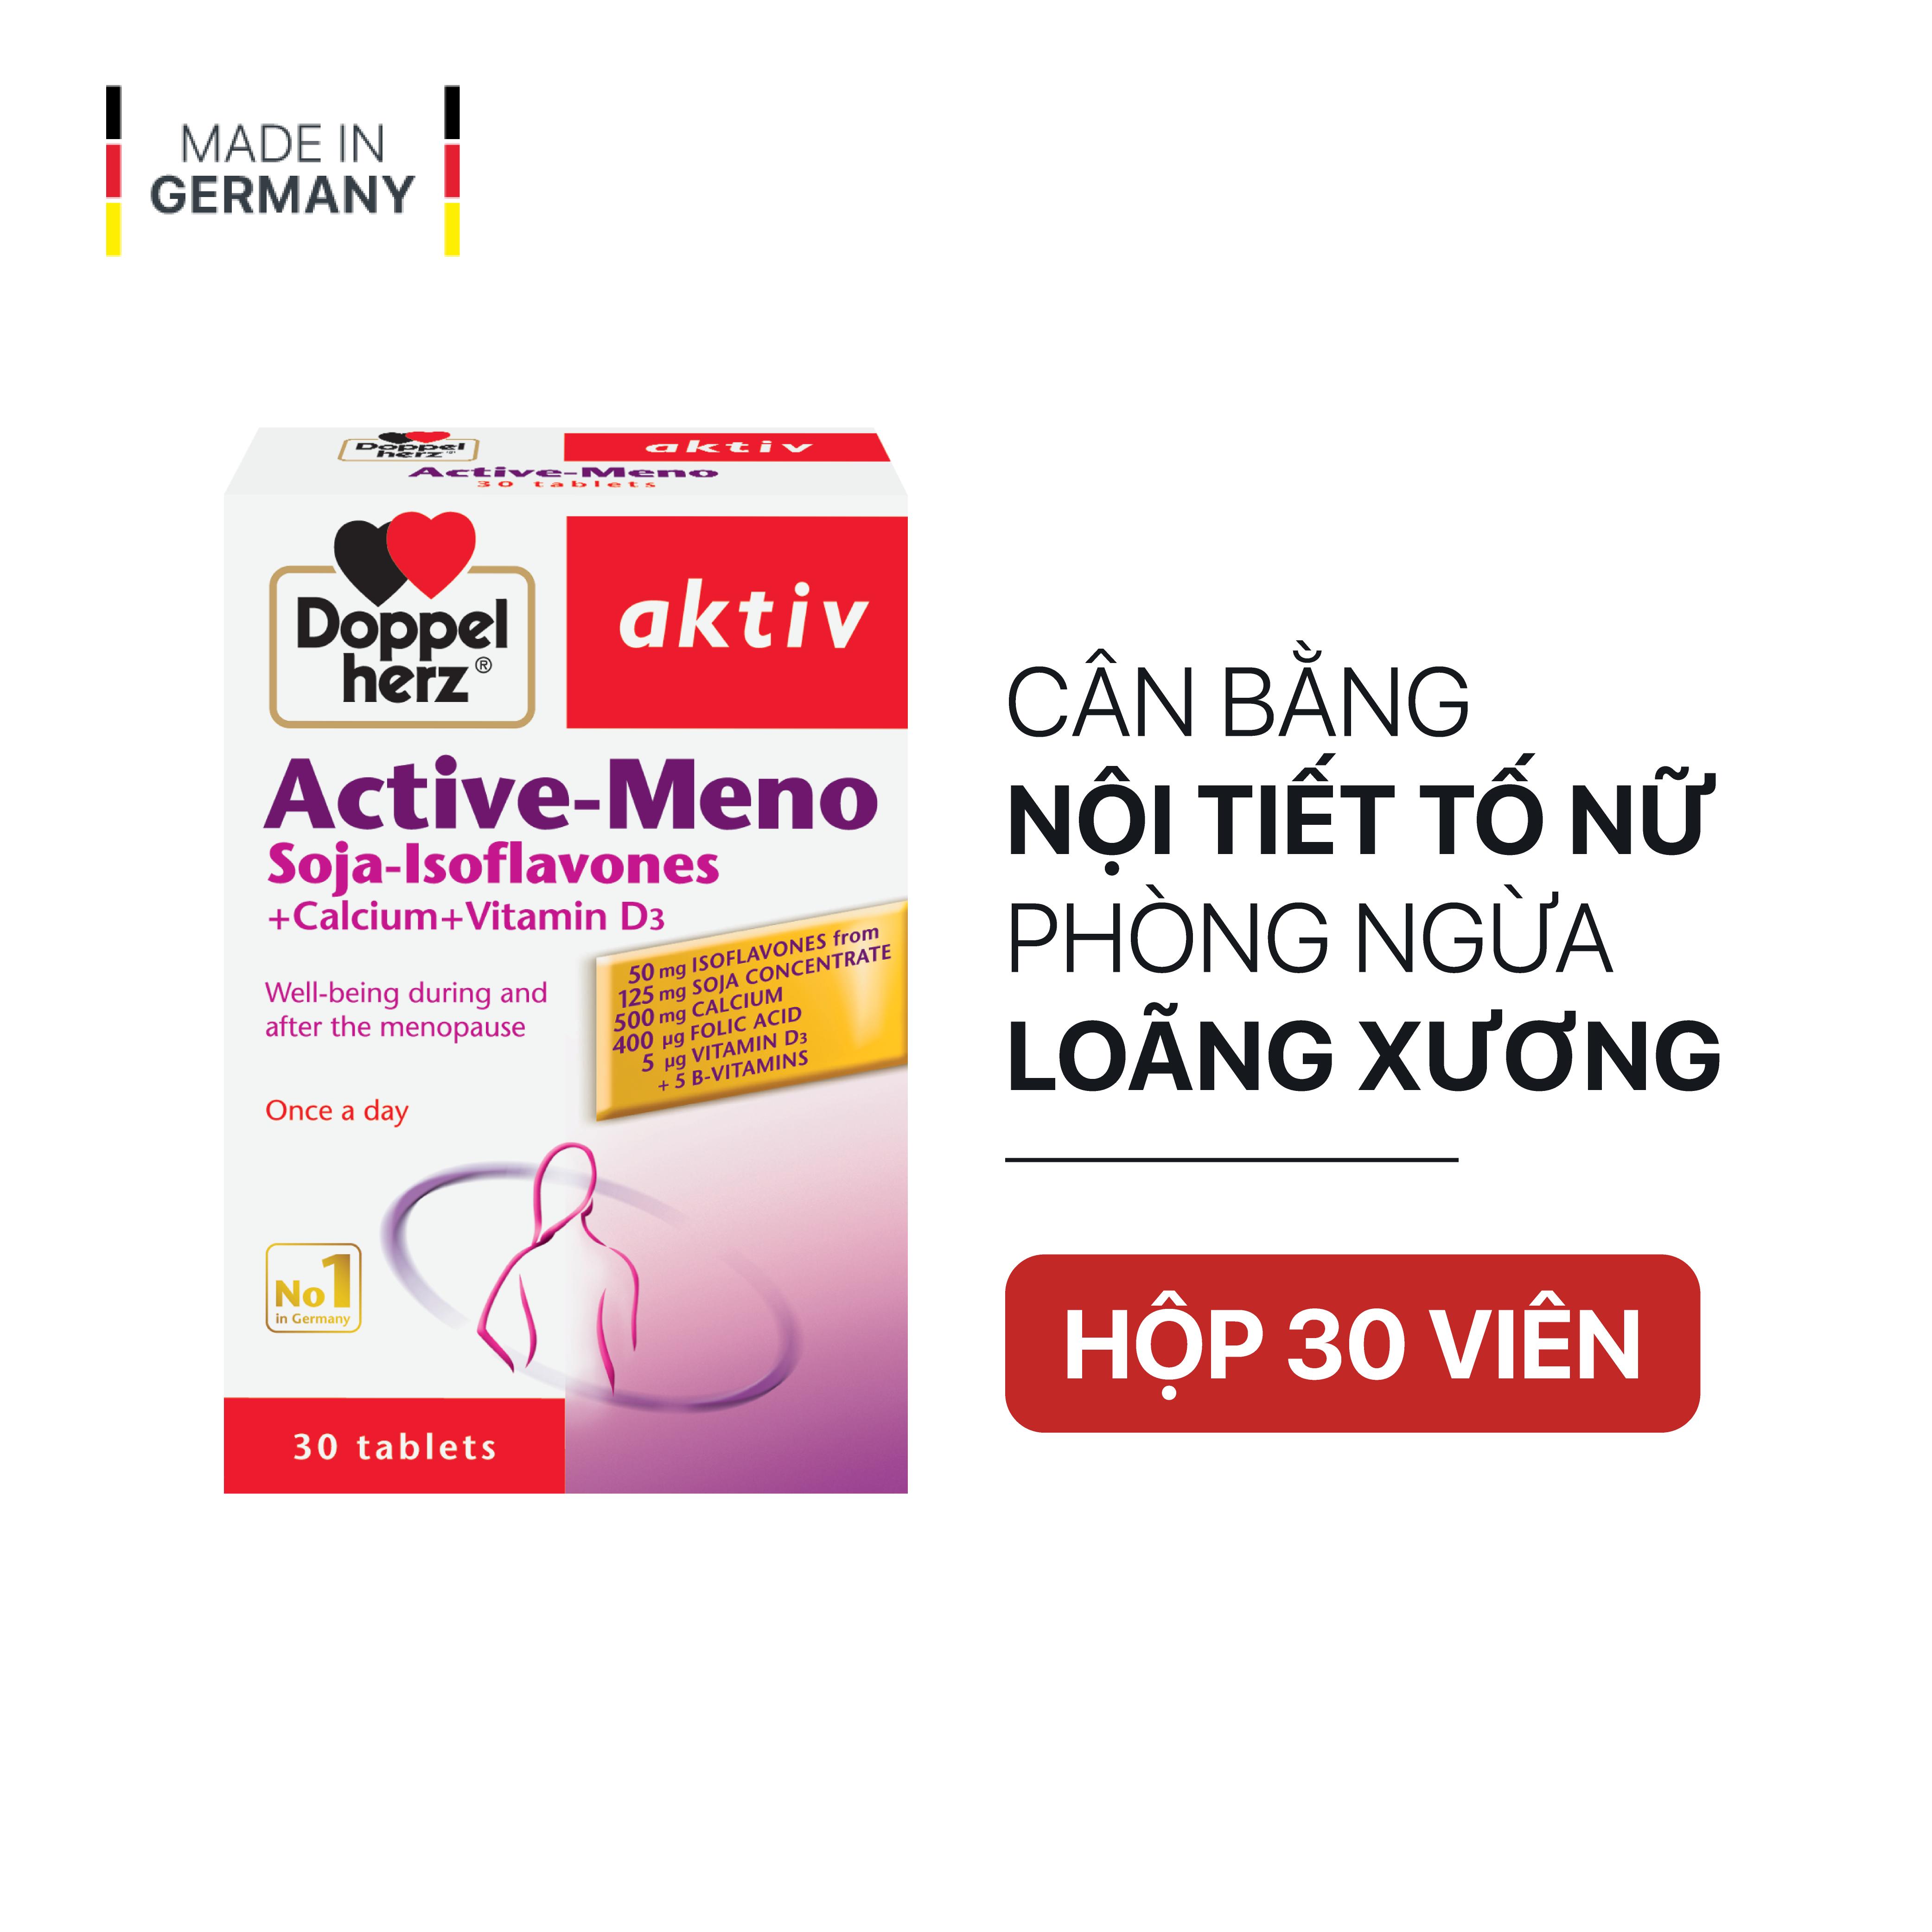 Viên uống cân bằng nội tiết tố nữ Doppelherz Aktiv Active Meno (Hộp 30 viên)